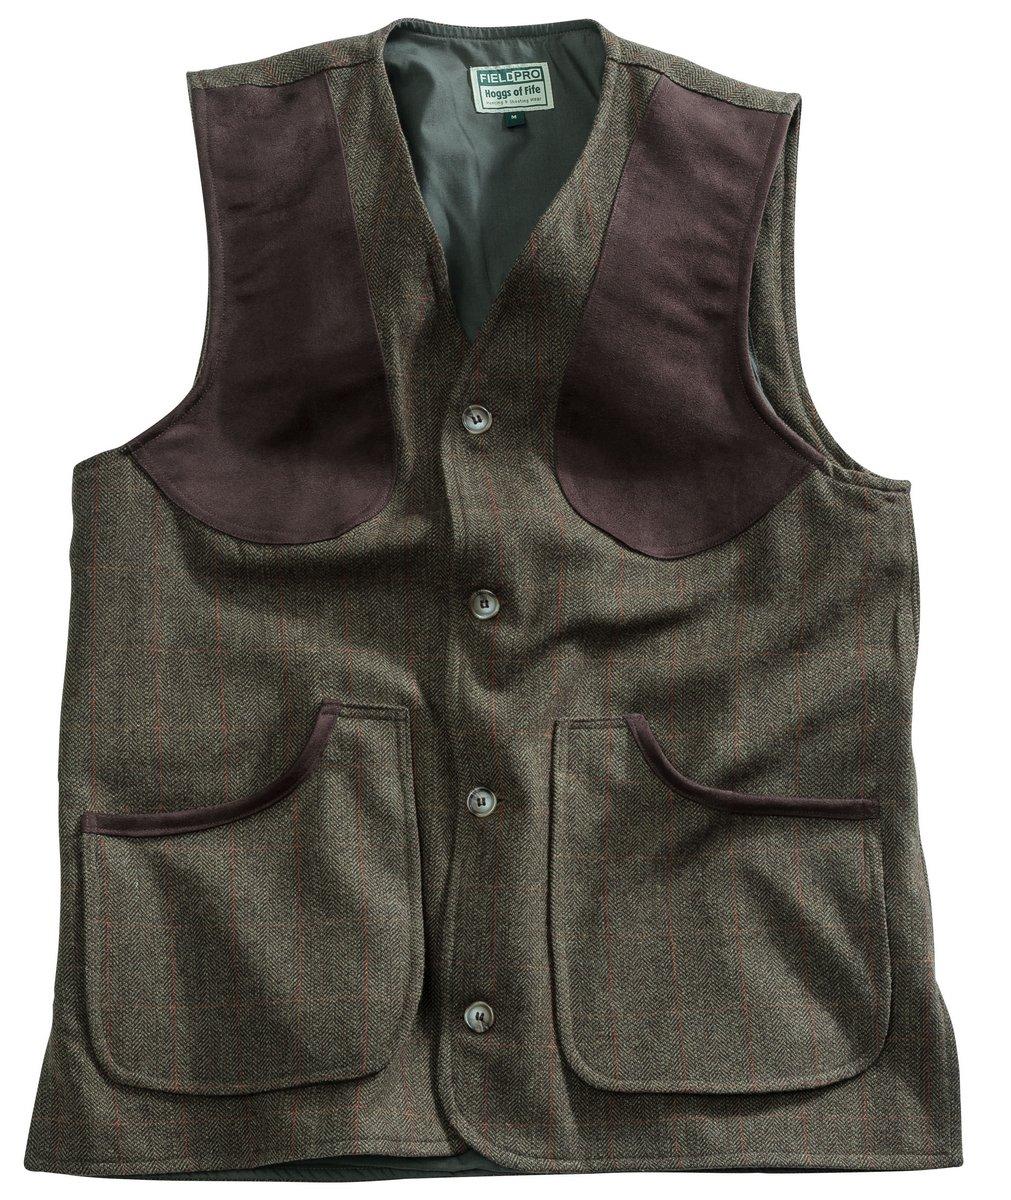 Harewood Tweed Shooting Vest